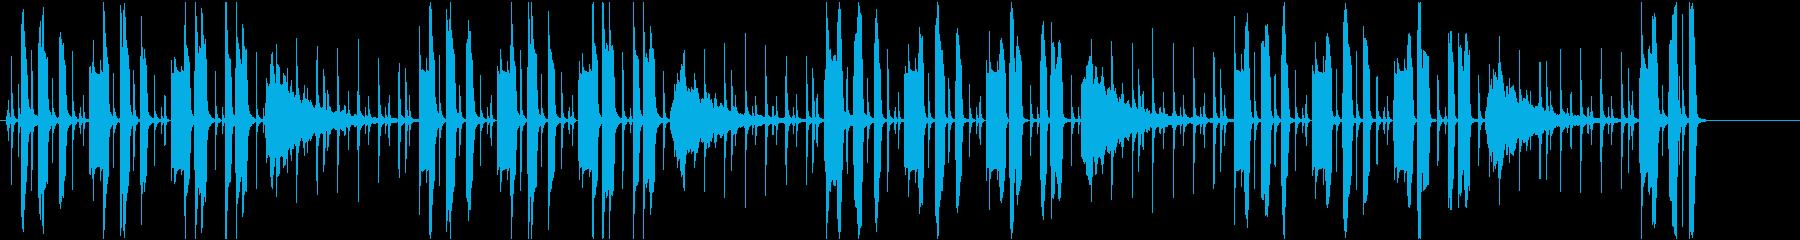 ほのぼの ペット 赤ちゃんの再生済みの波形